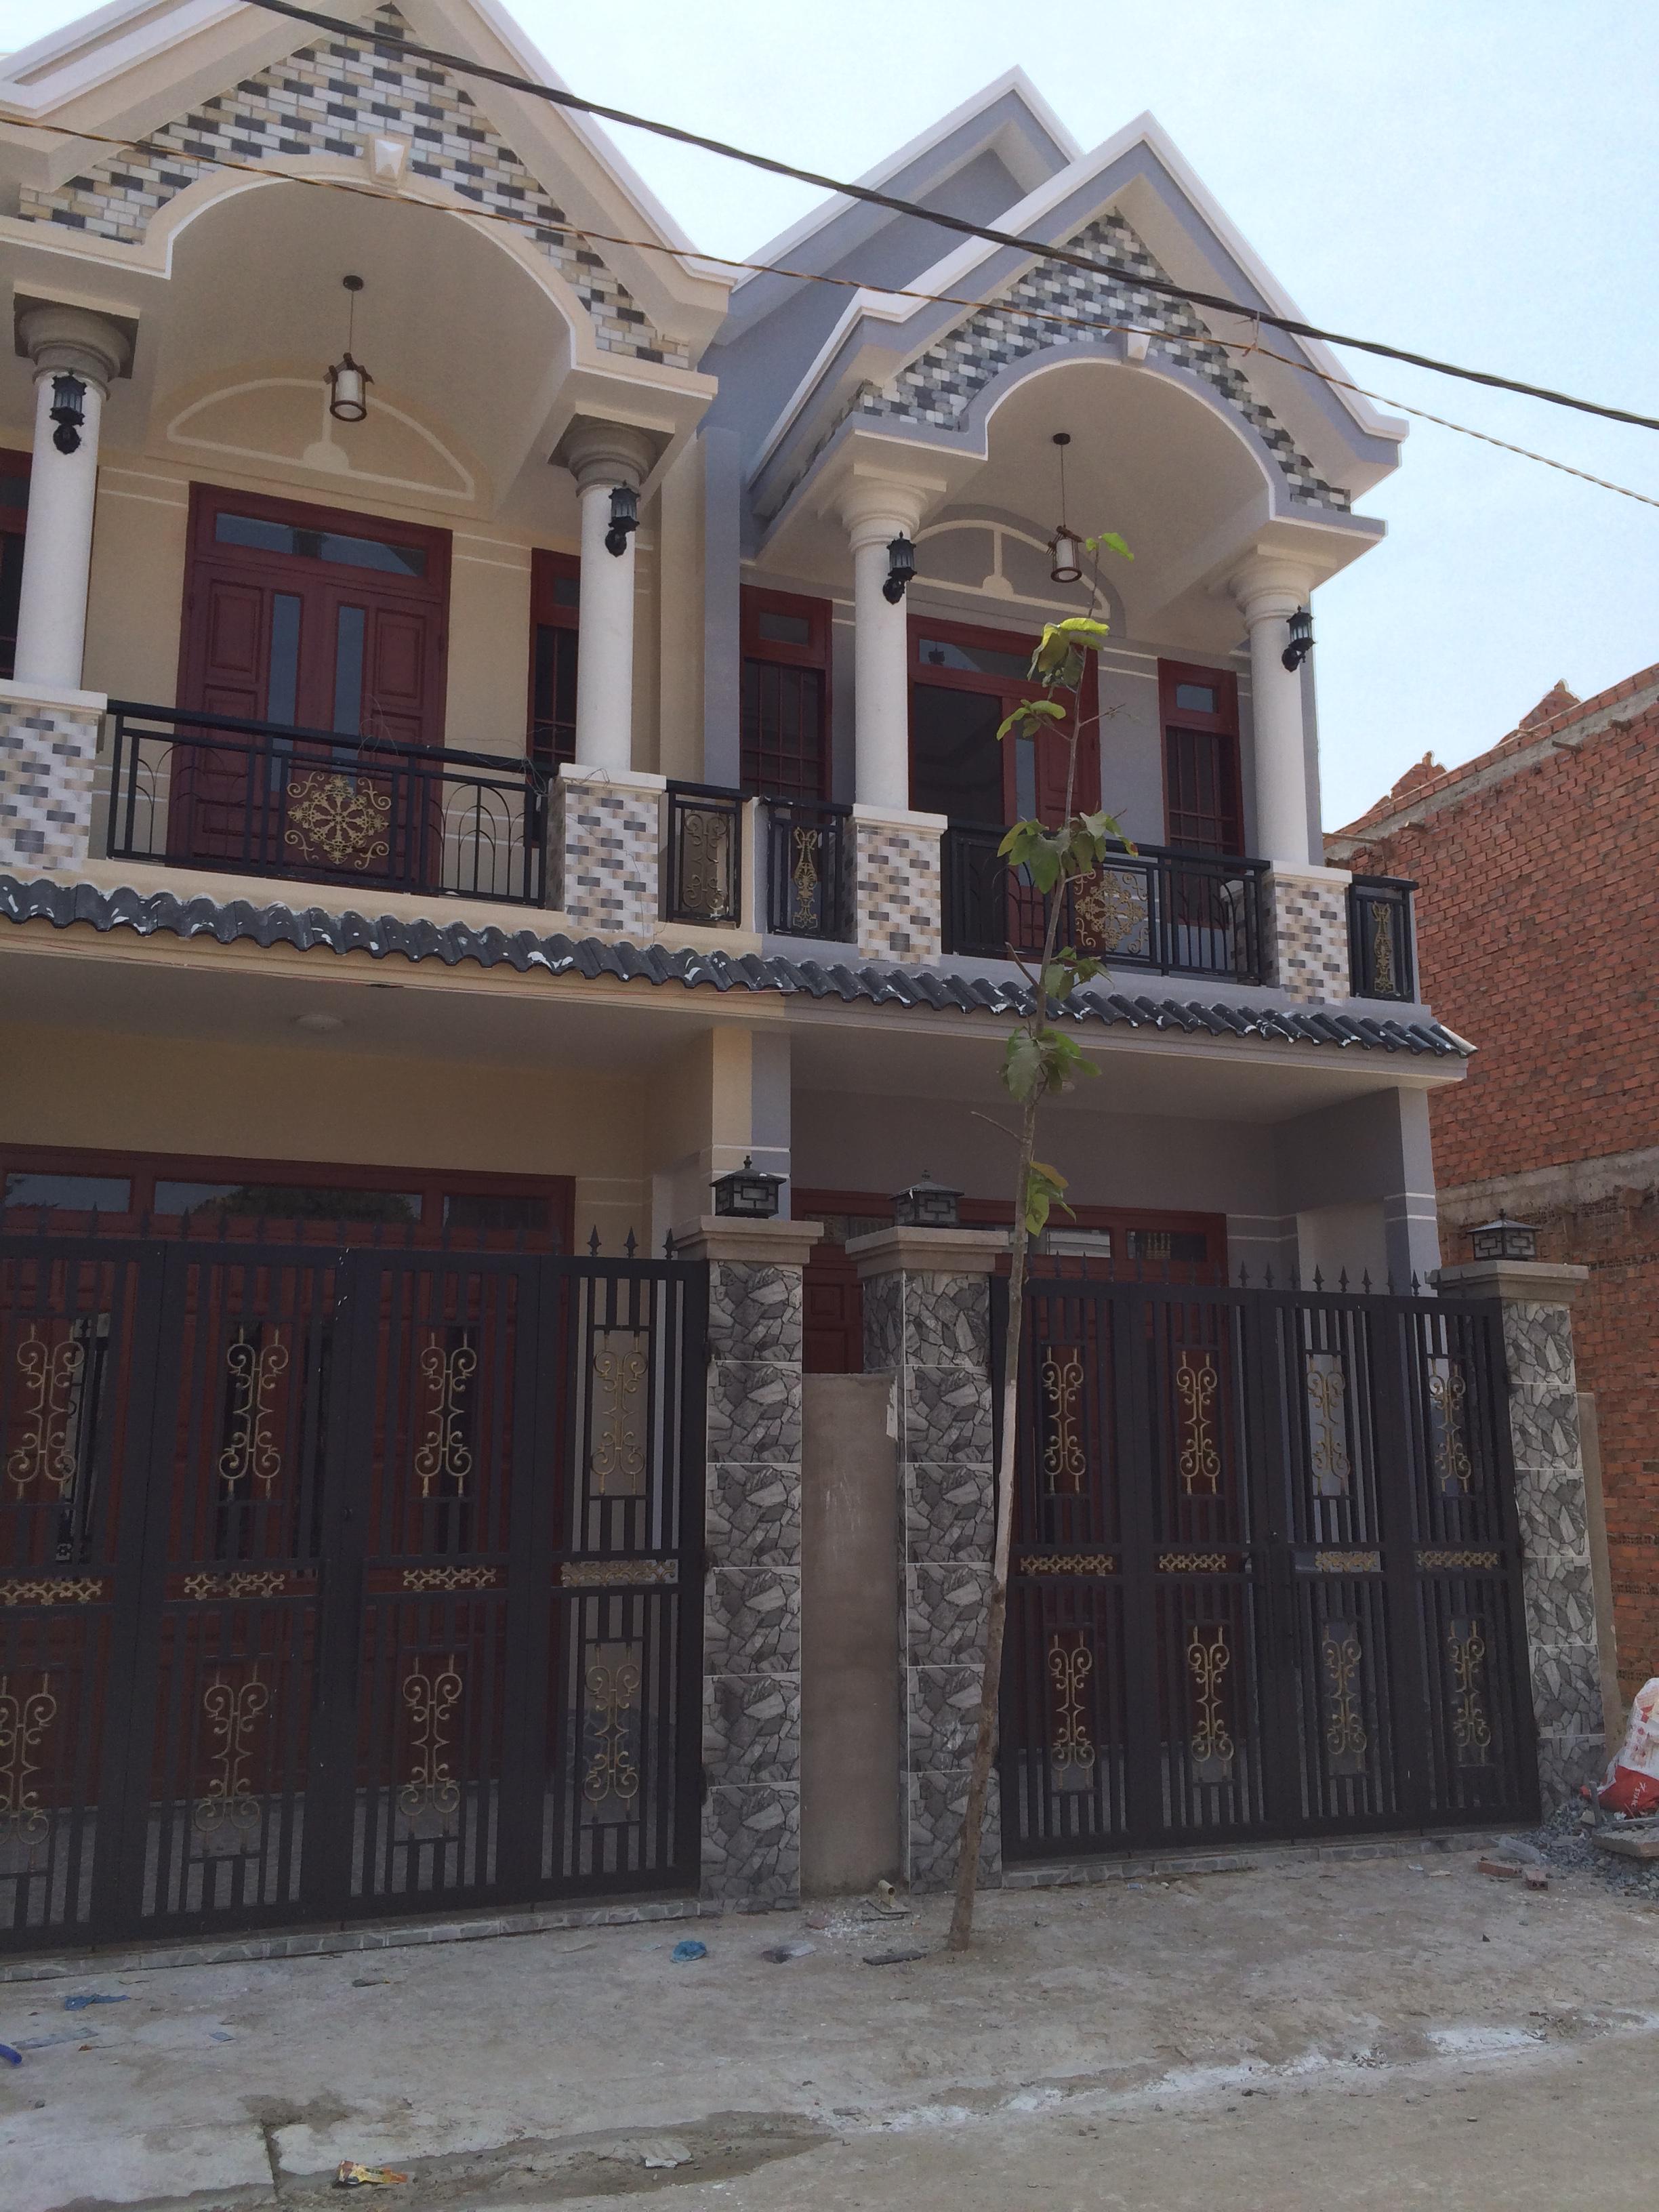 Bán nhà gần ngã ba ông xã / Nhà đất dĩ an sổ hồng riêng bán giá gốc có giảm giá lớn